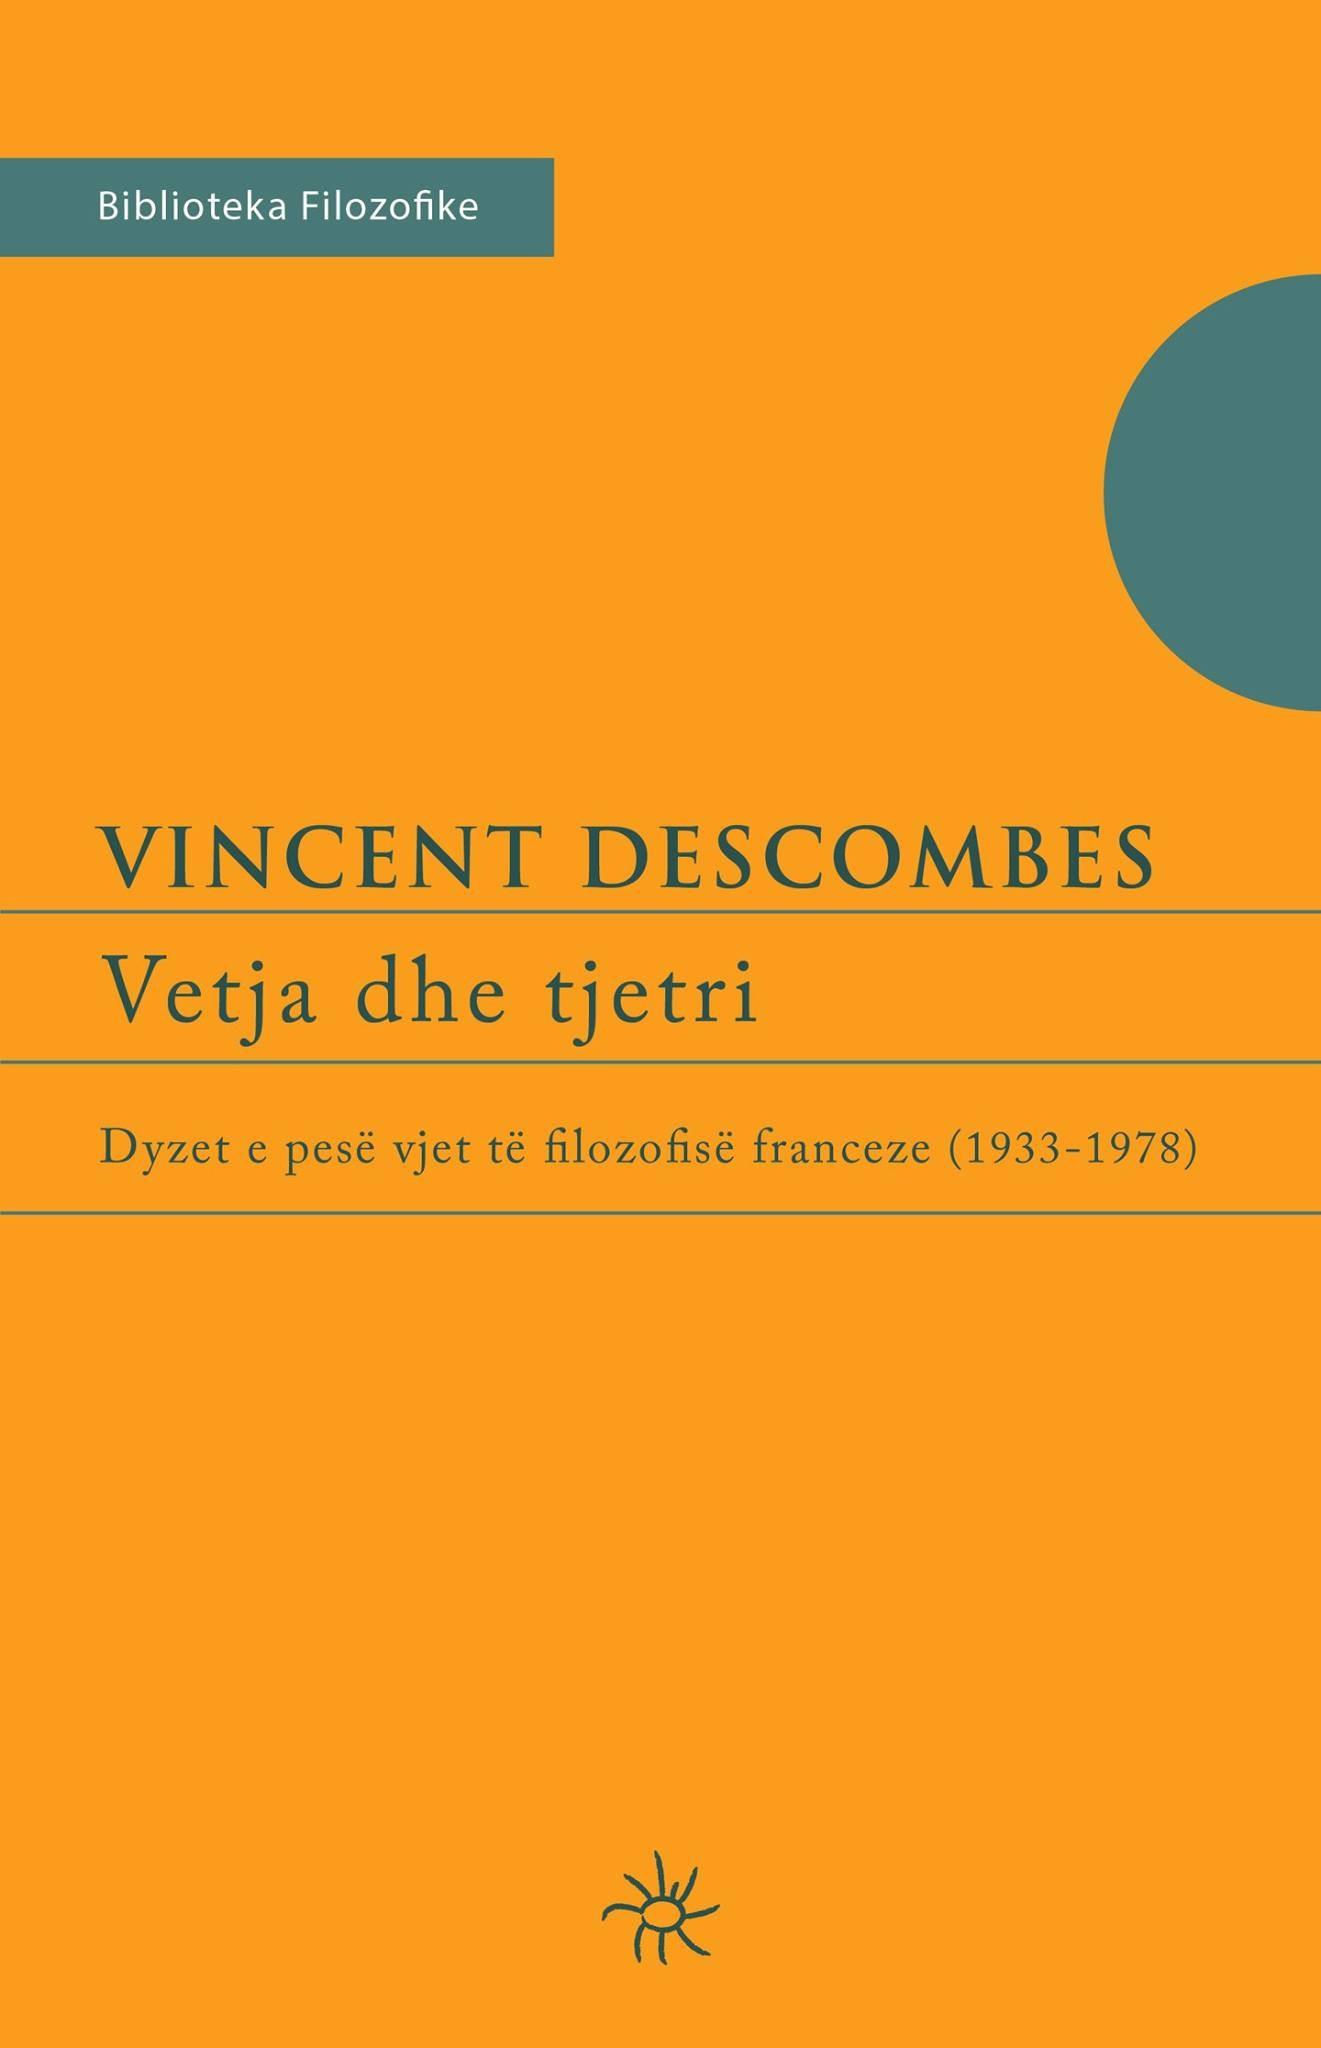 Vetja dhe tjetri: Dyzet e pesë vjet të filozofisë franceze (1933-1978)